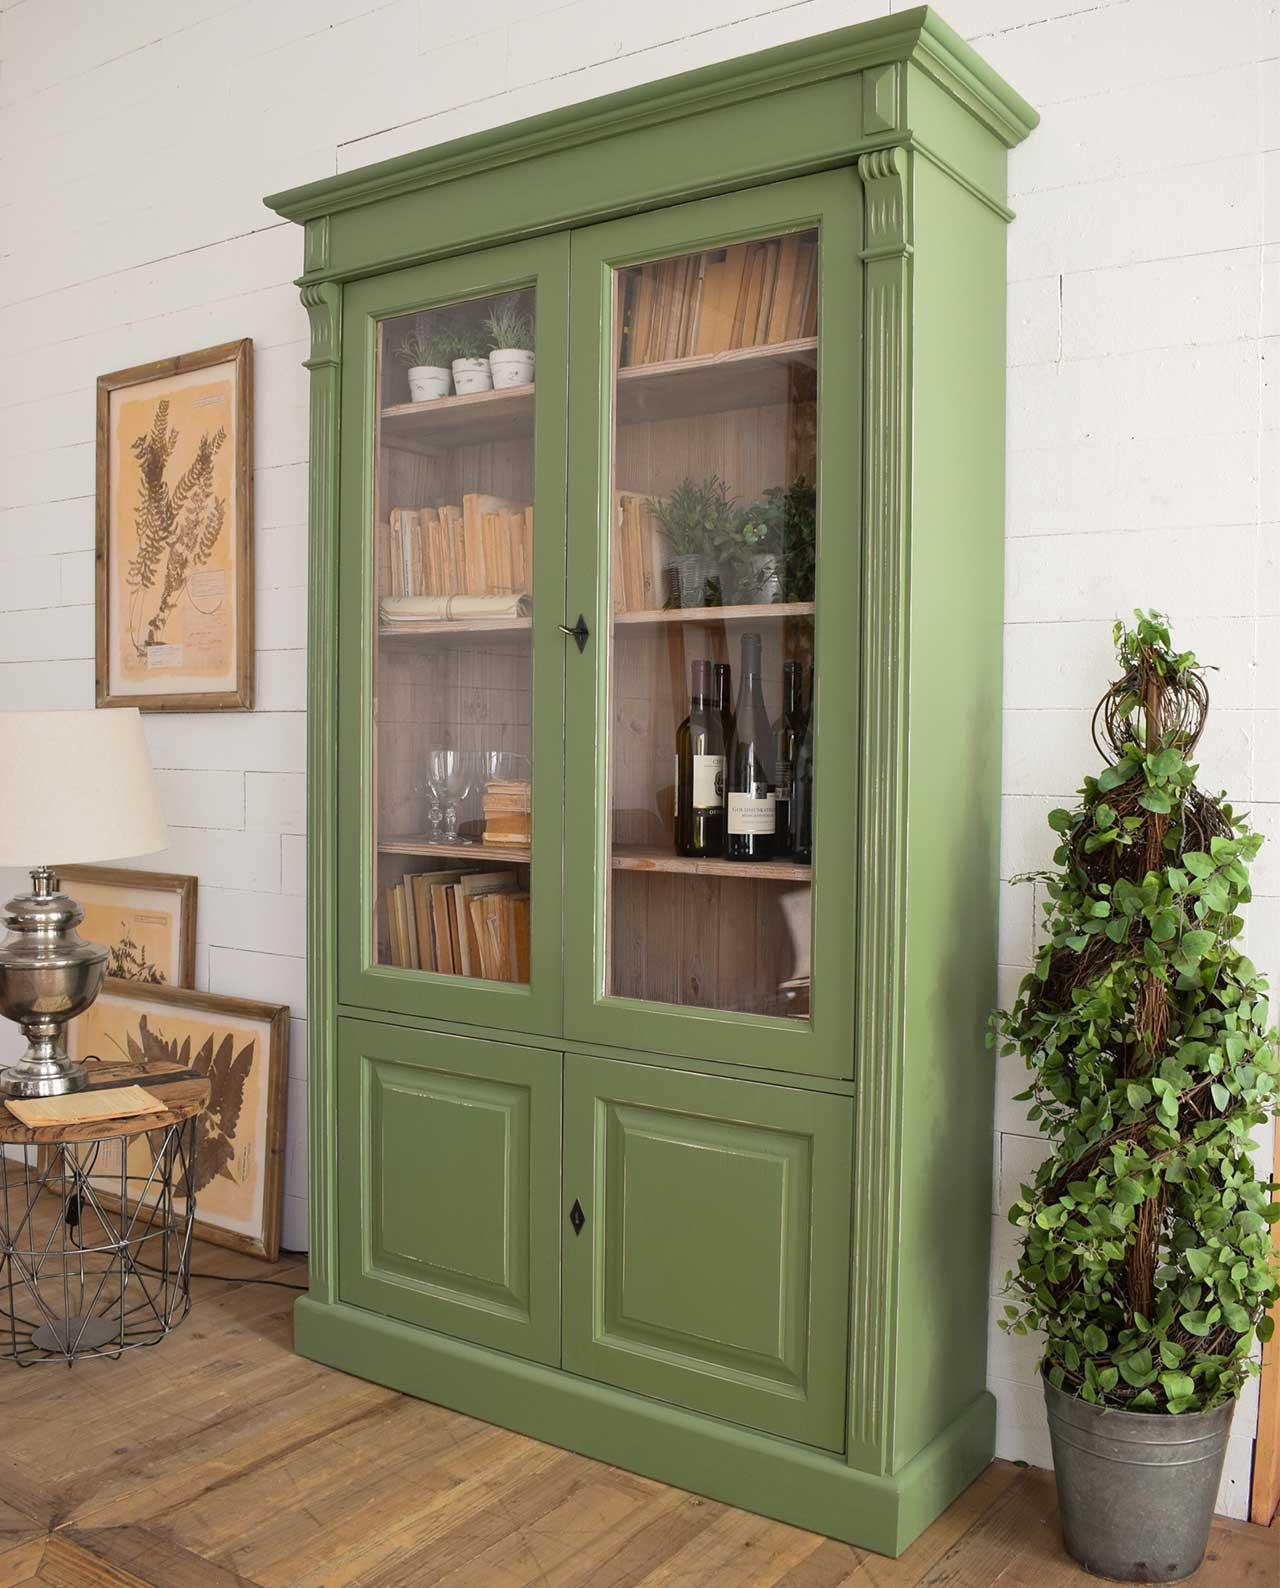 Mobile vetrina cortina legno pino massello verde mobilia for Mobilia recensioni